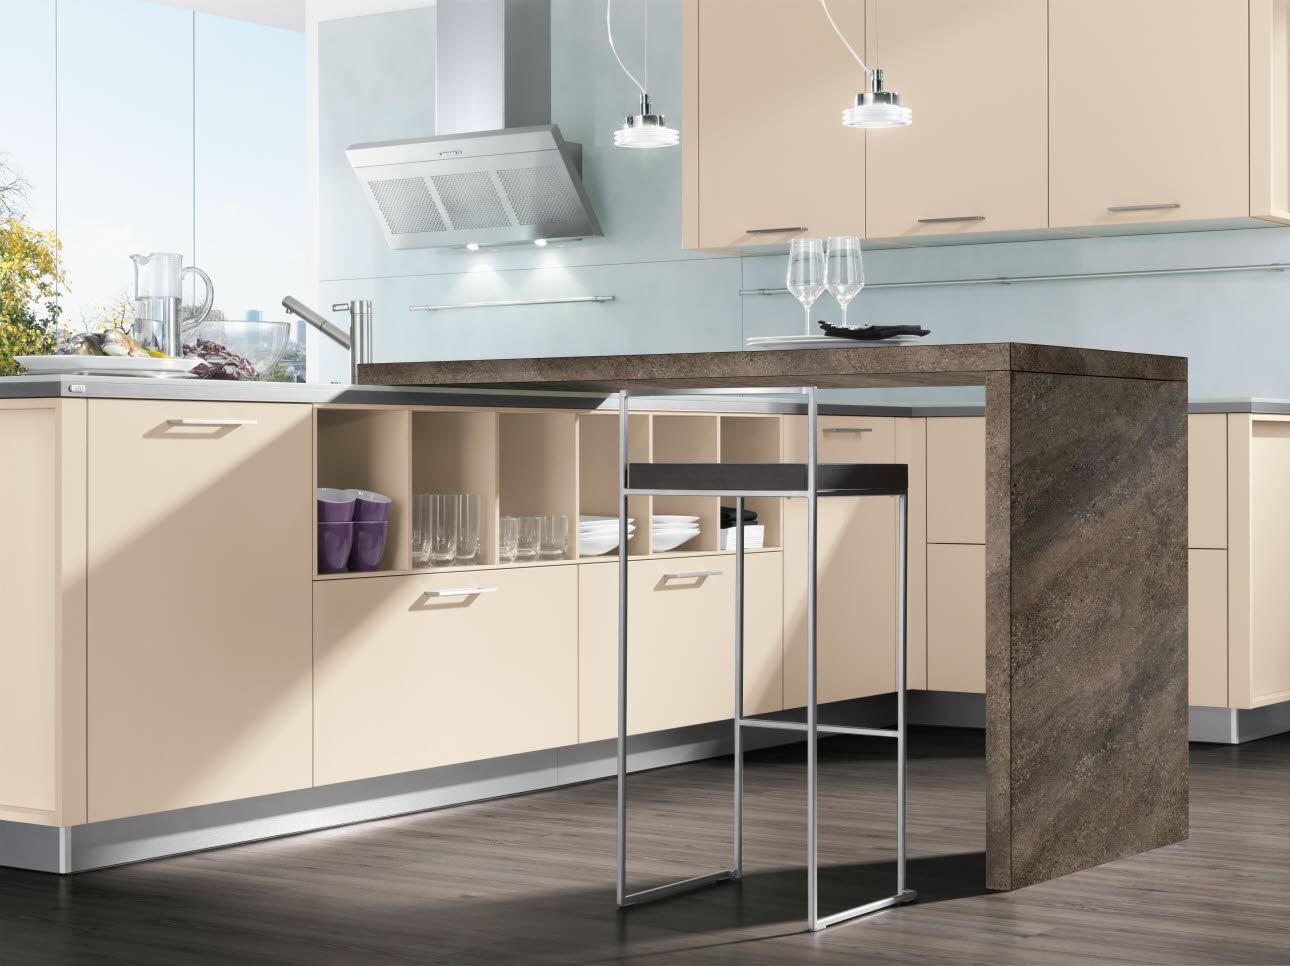 Groß Küchentürscharniere Bilder - Küche Set Ideen - deriherusweets.info